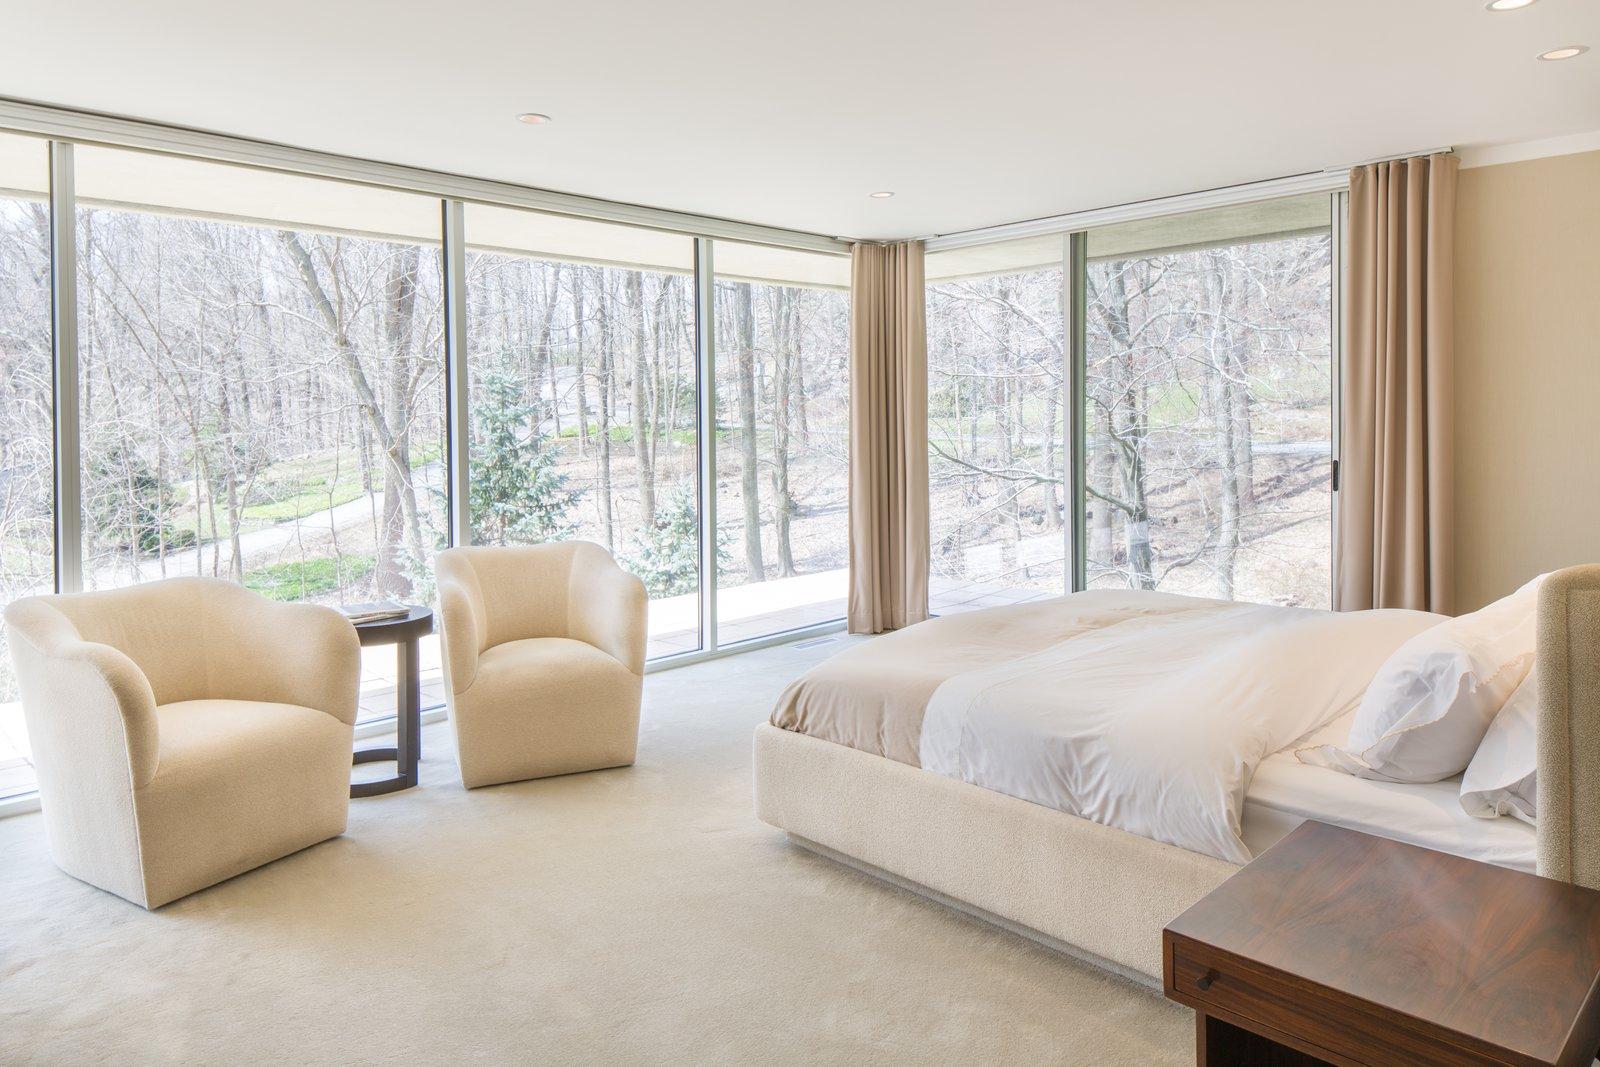 Skidmore, Owings & Merrill midcentury home bedroom